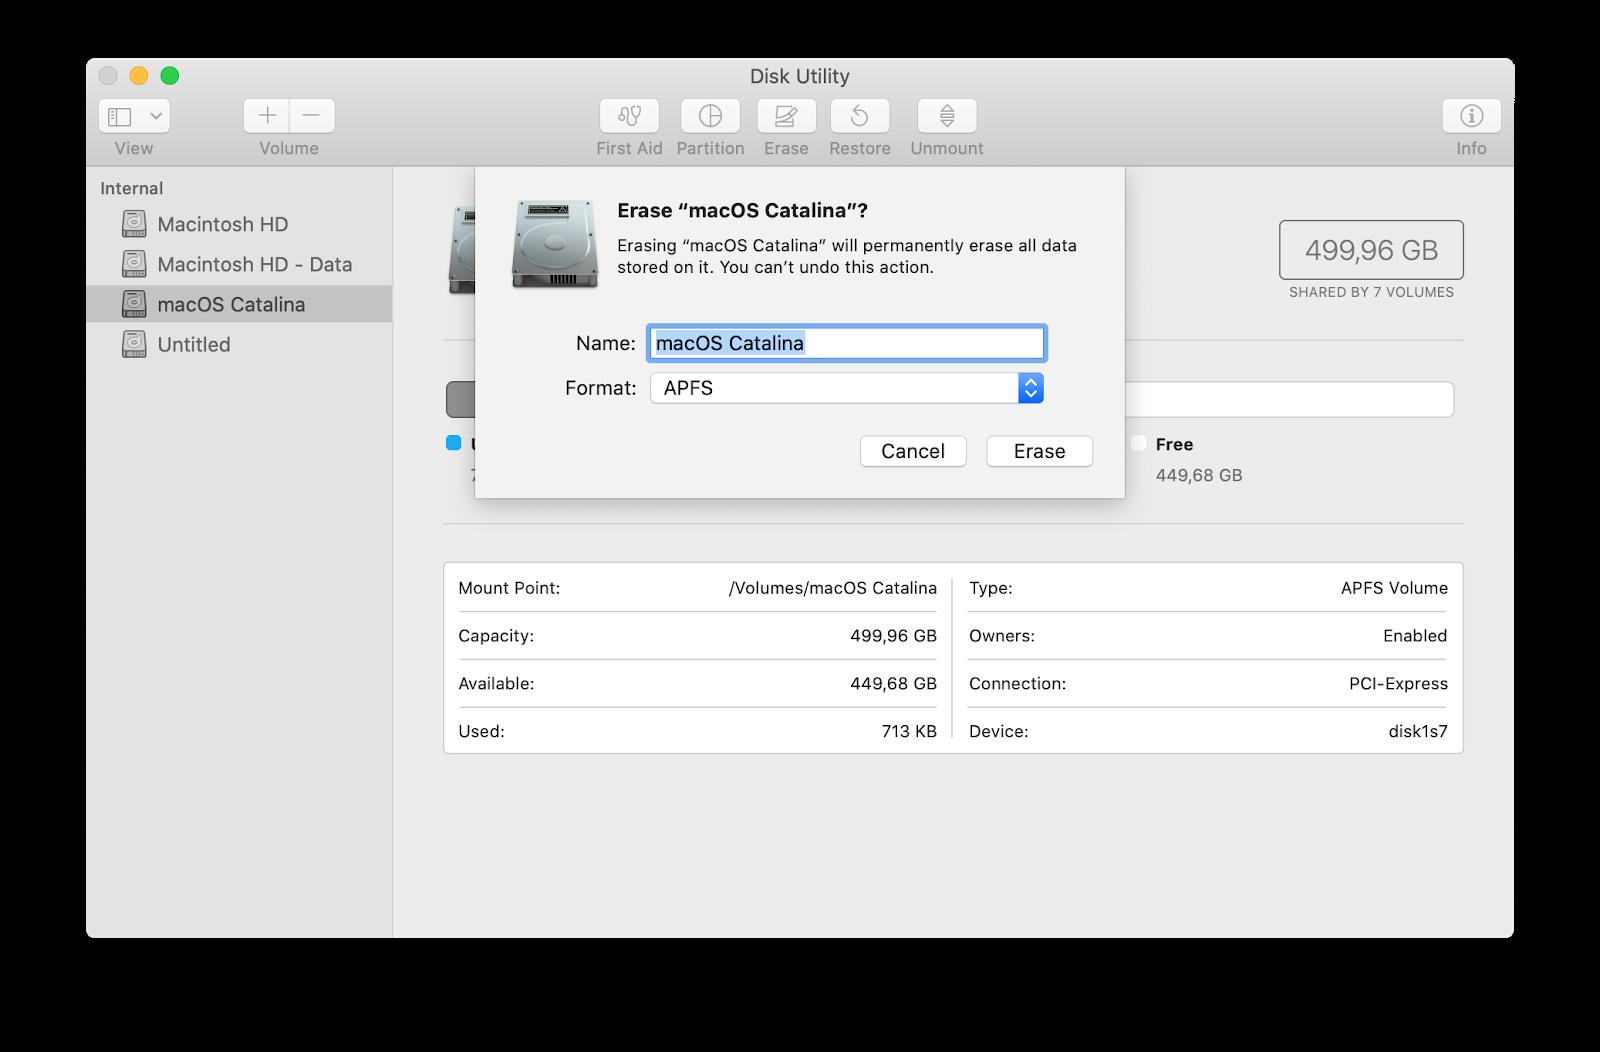 محو قرص بدء التشغيل الخاص بك مع macOS كاتالينا